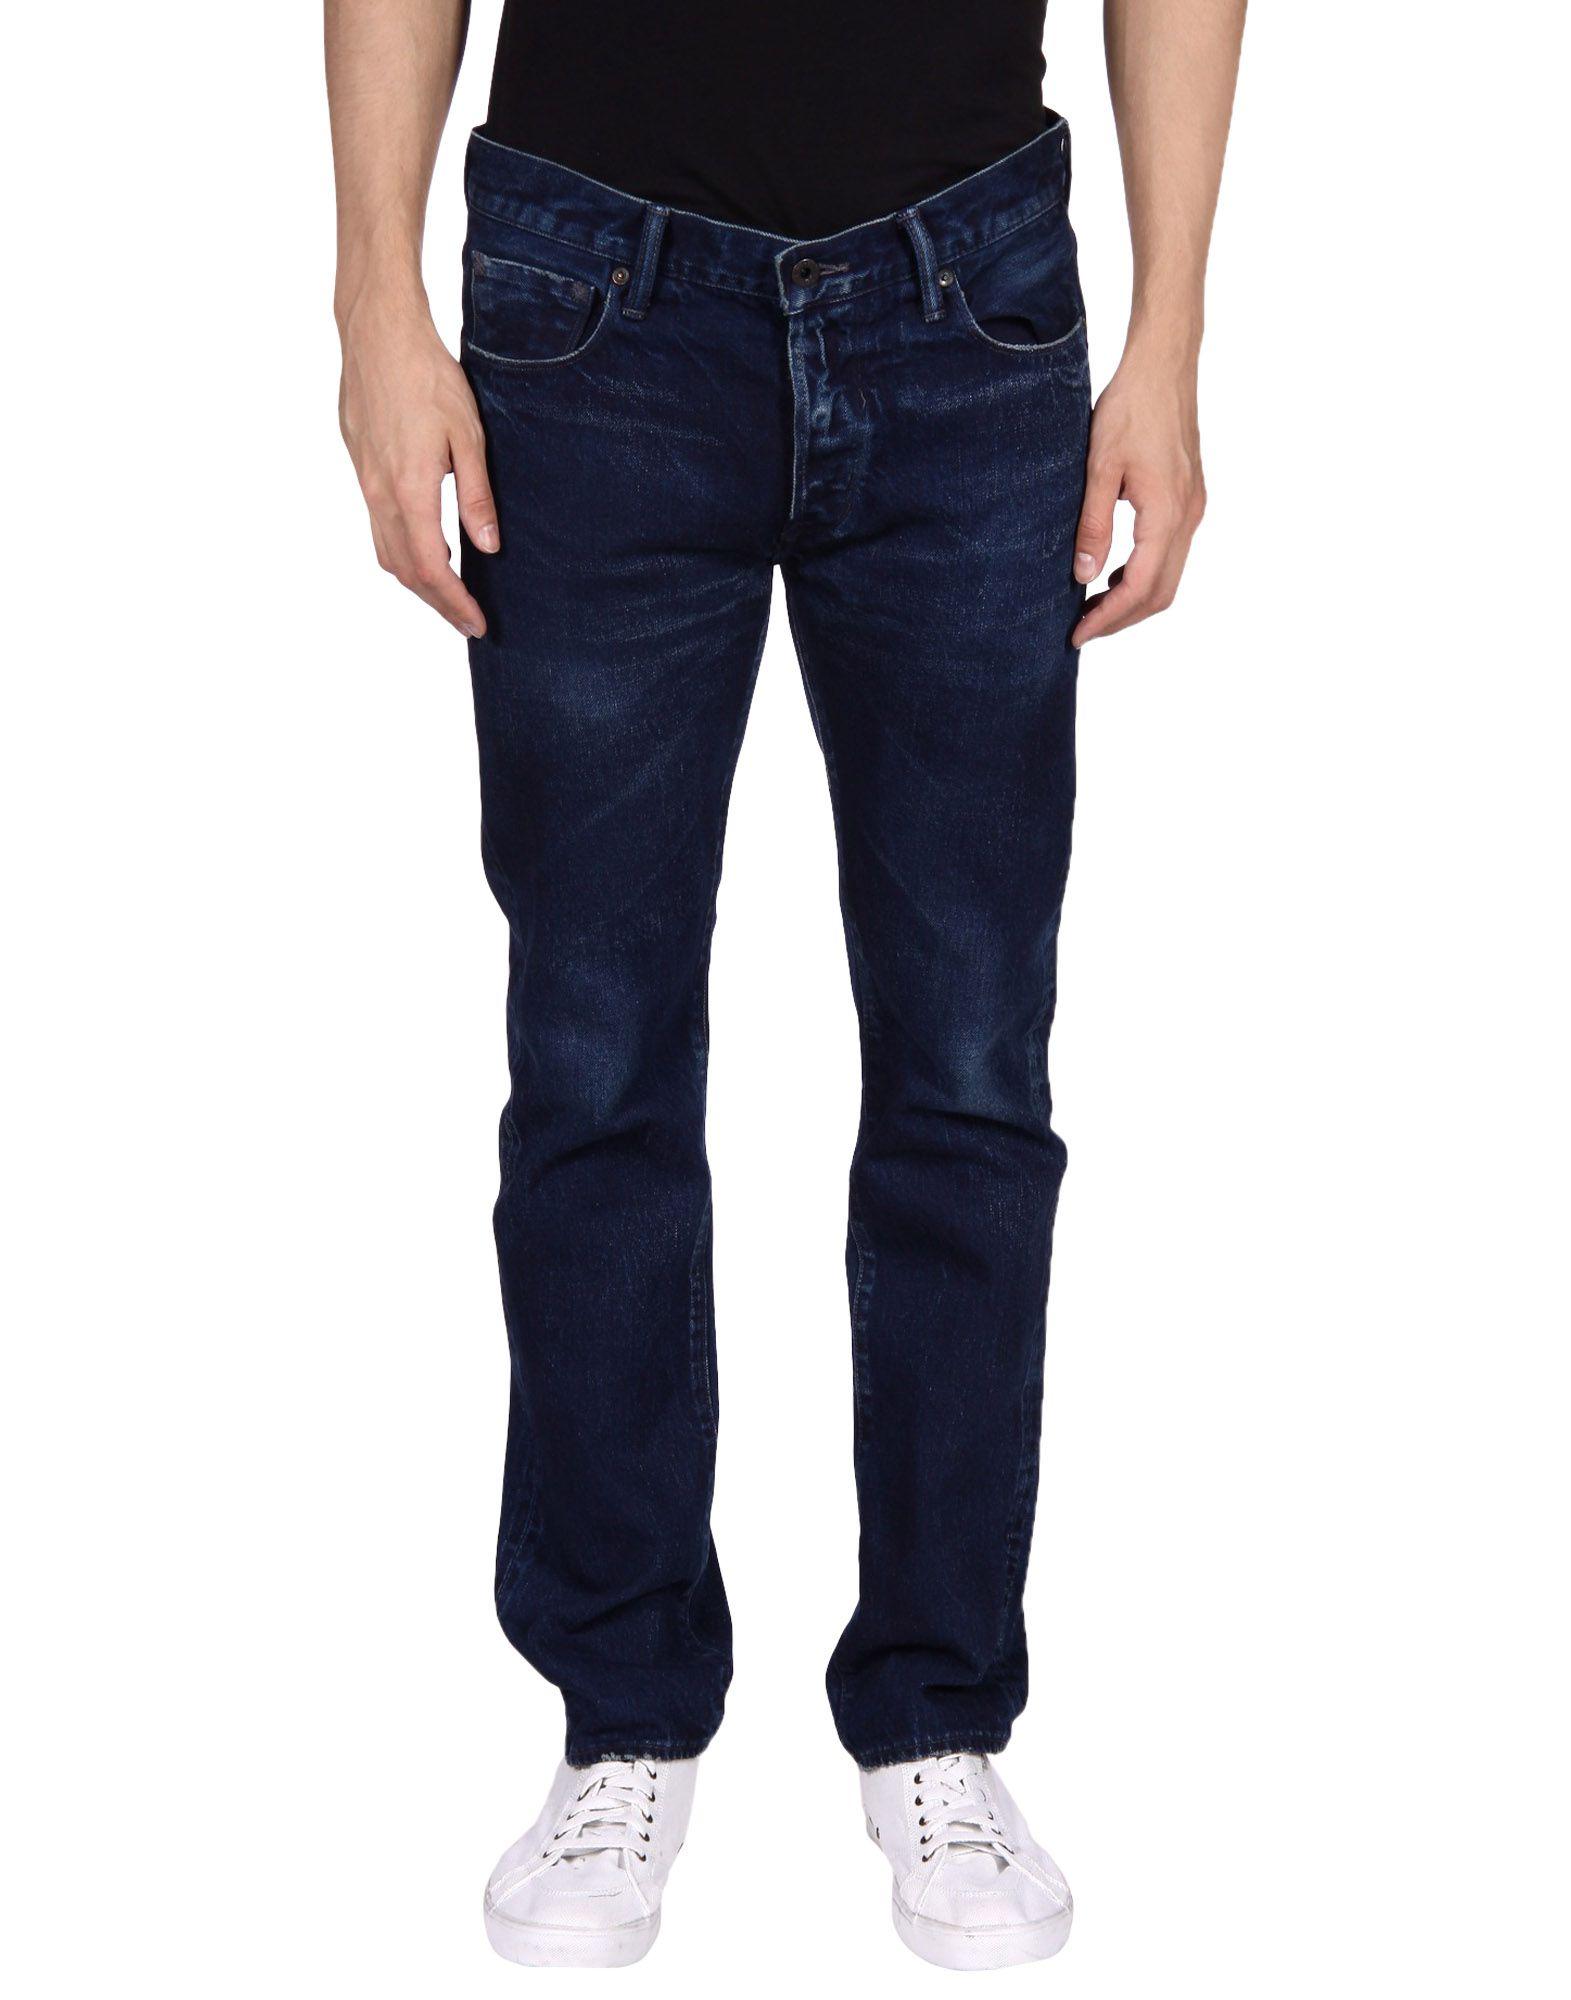 KURO Denim Pants in Blue